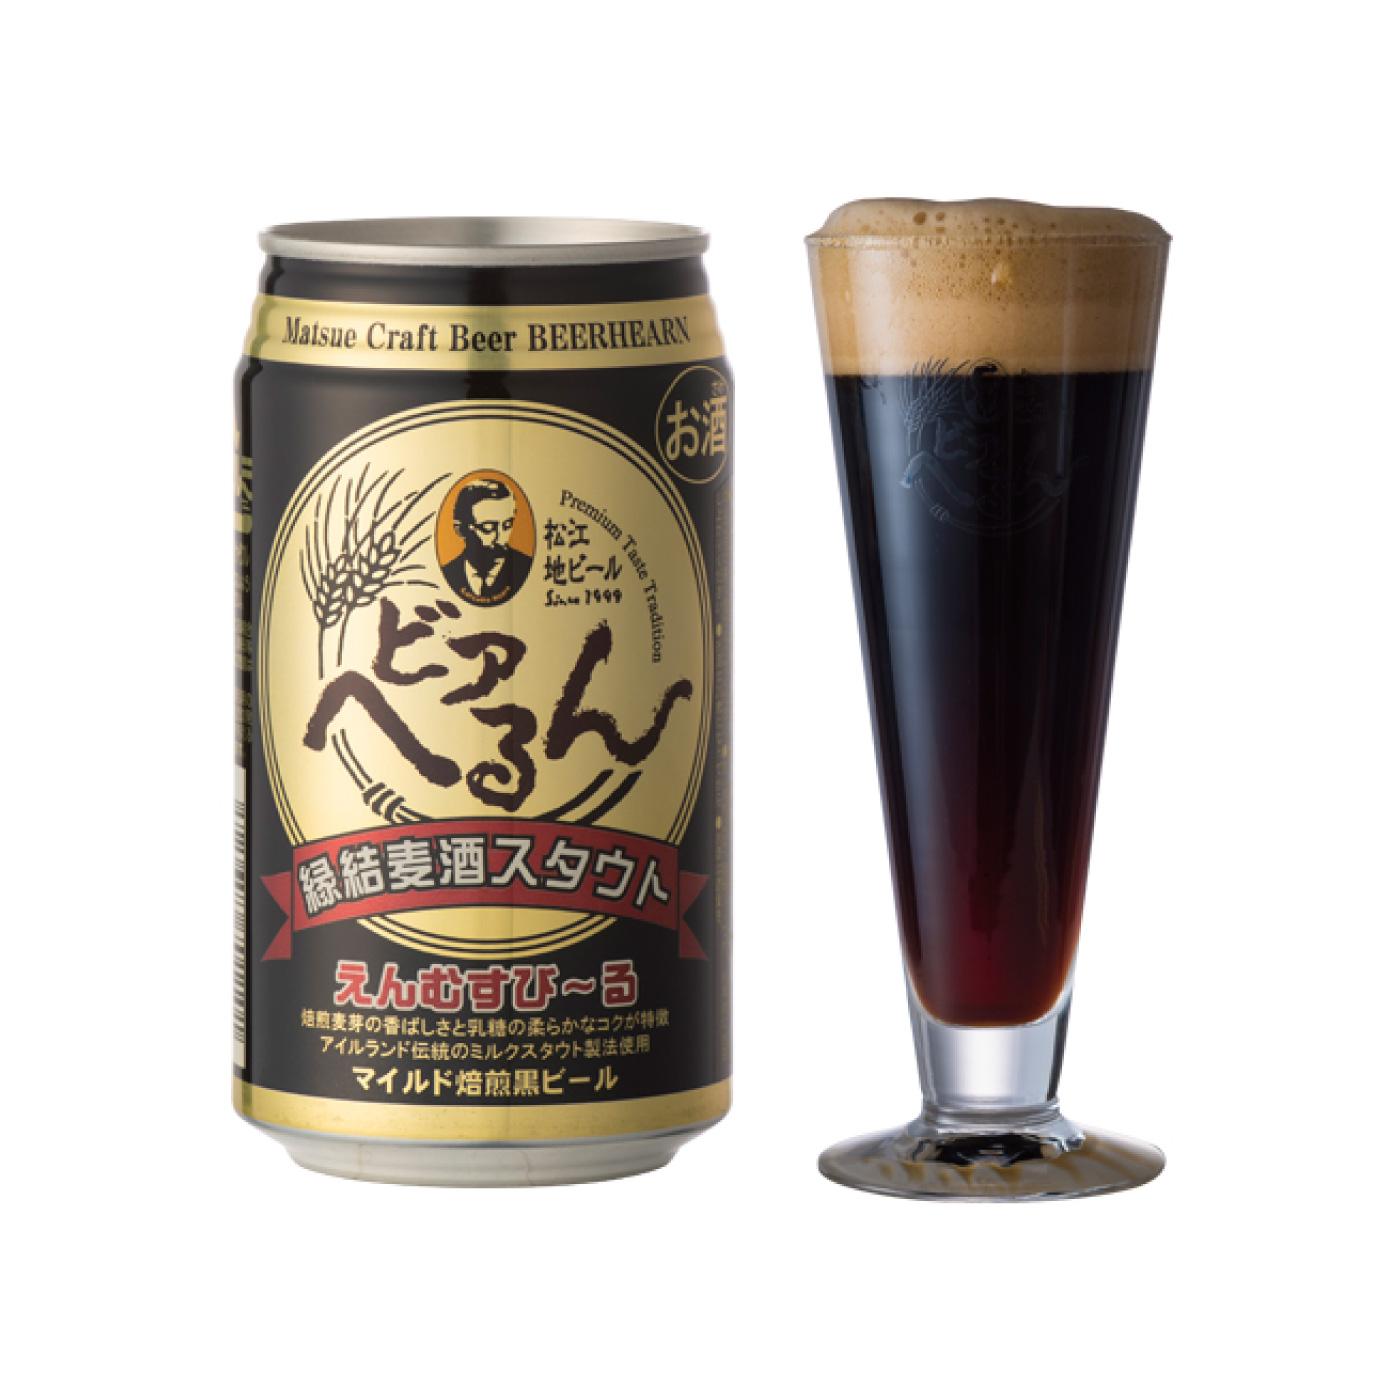 松江ビアへるん 縁結麦酒スタウト(えんむすびーる)